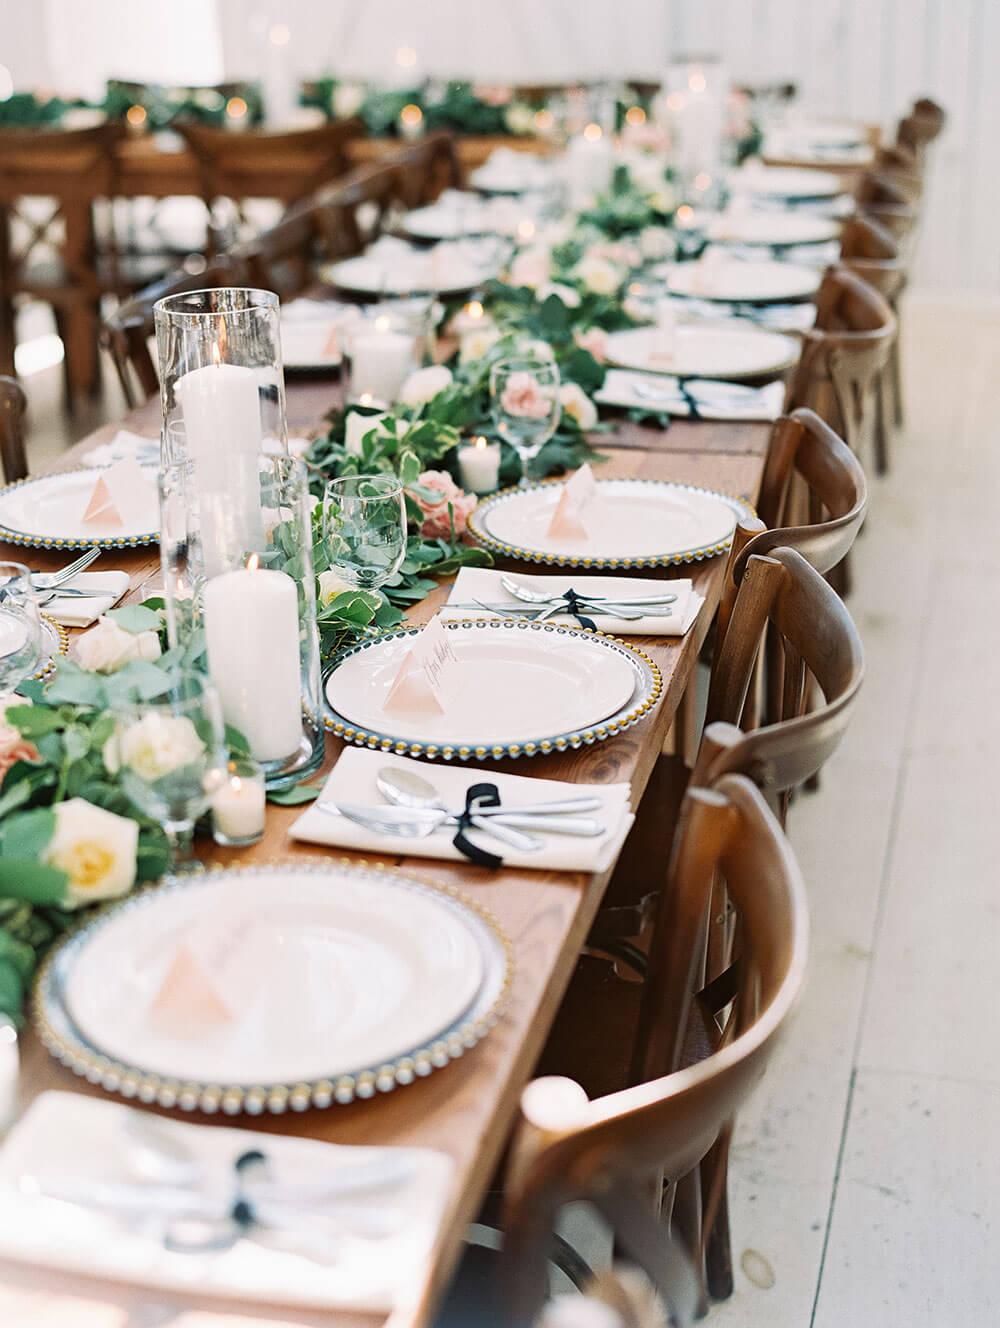 Top 8 prettiest wedding venues in Dallas - The White Sparrow Barn